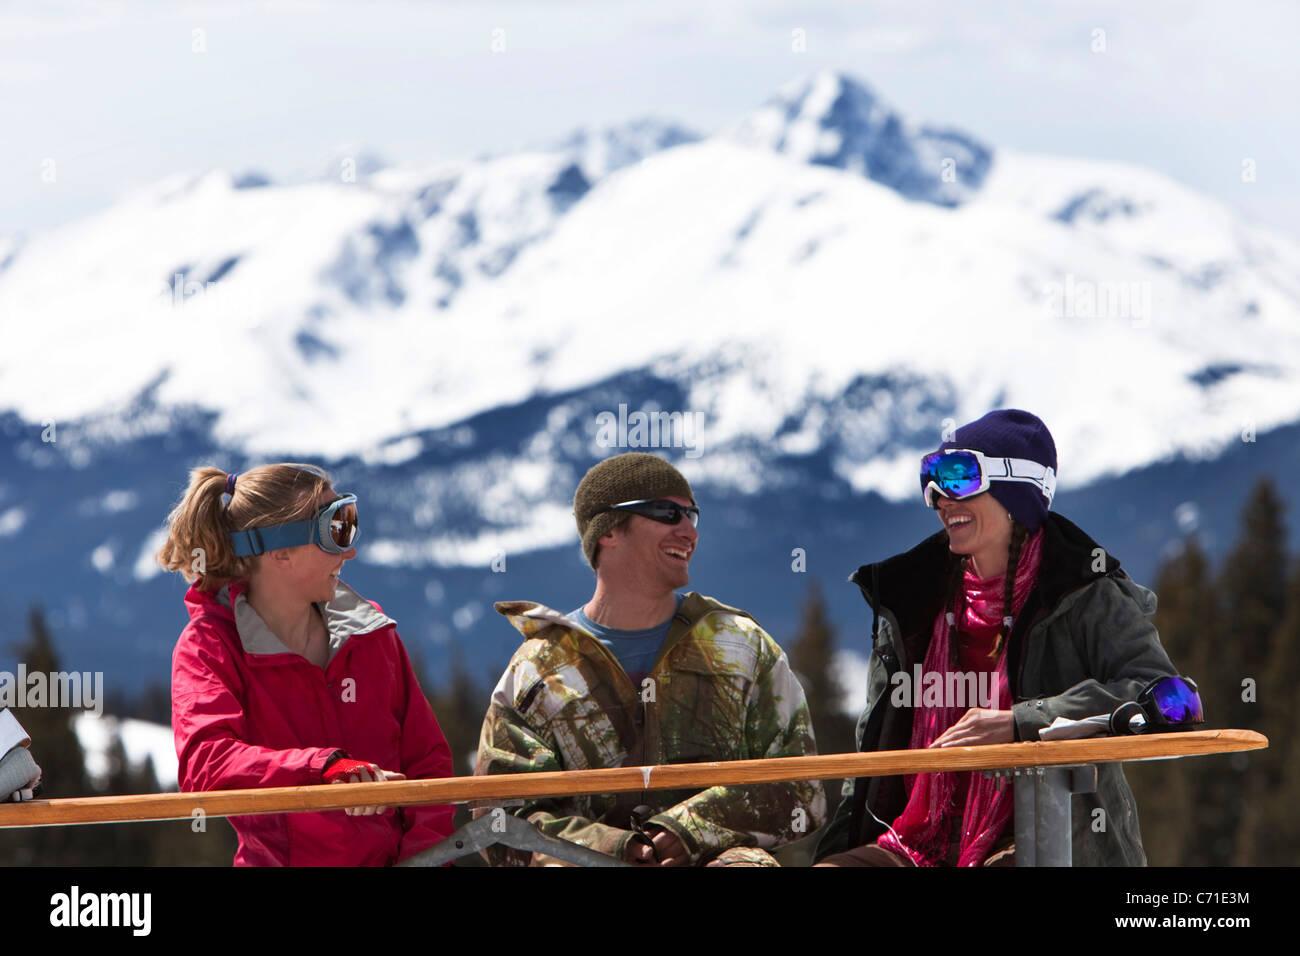 Tres amigos reír y sonreír mientras disfruta de una divertida jornada de esquí en Colorado. Imagen De Stock